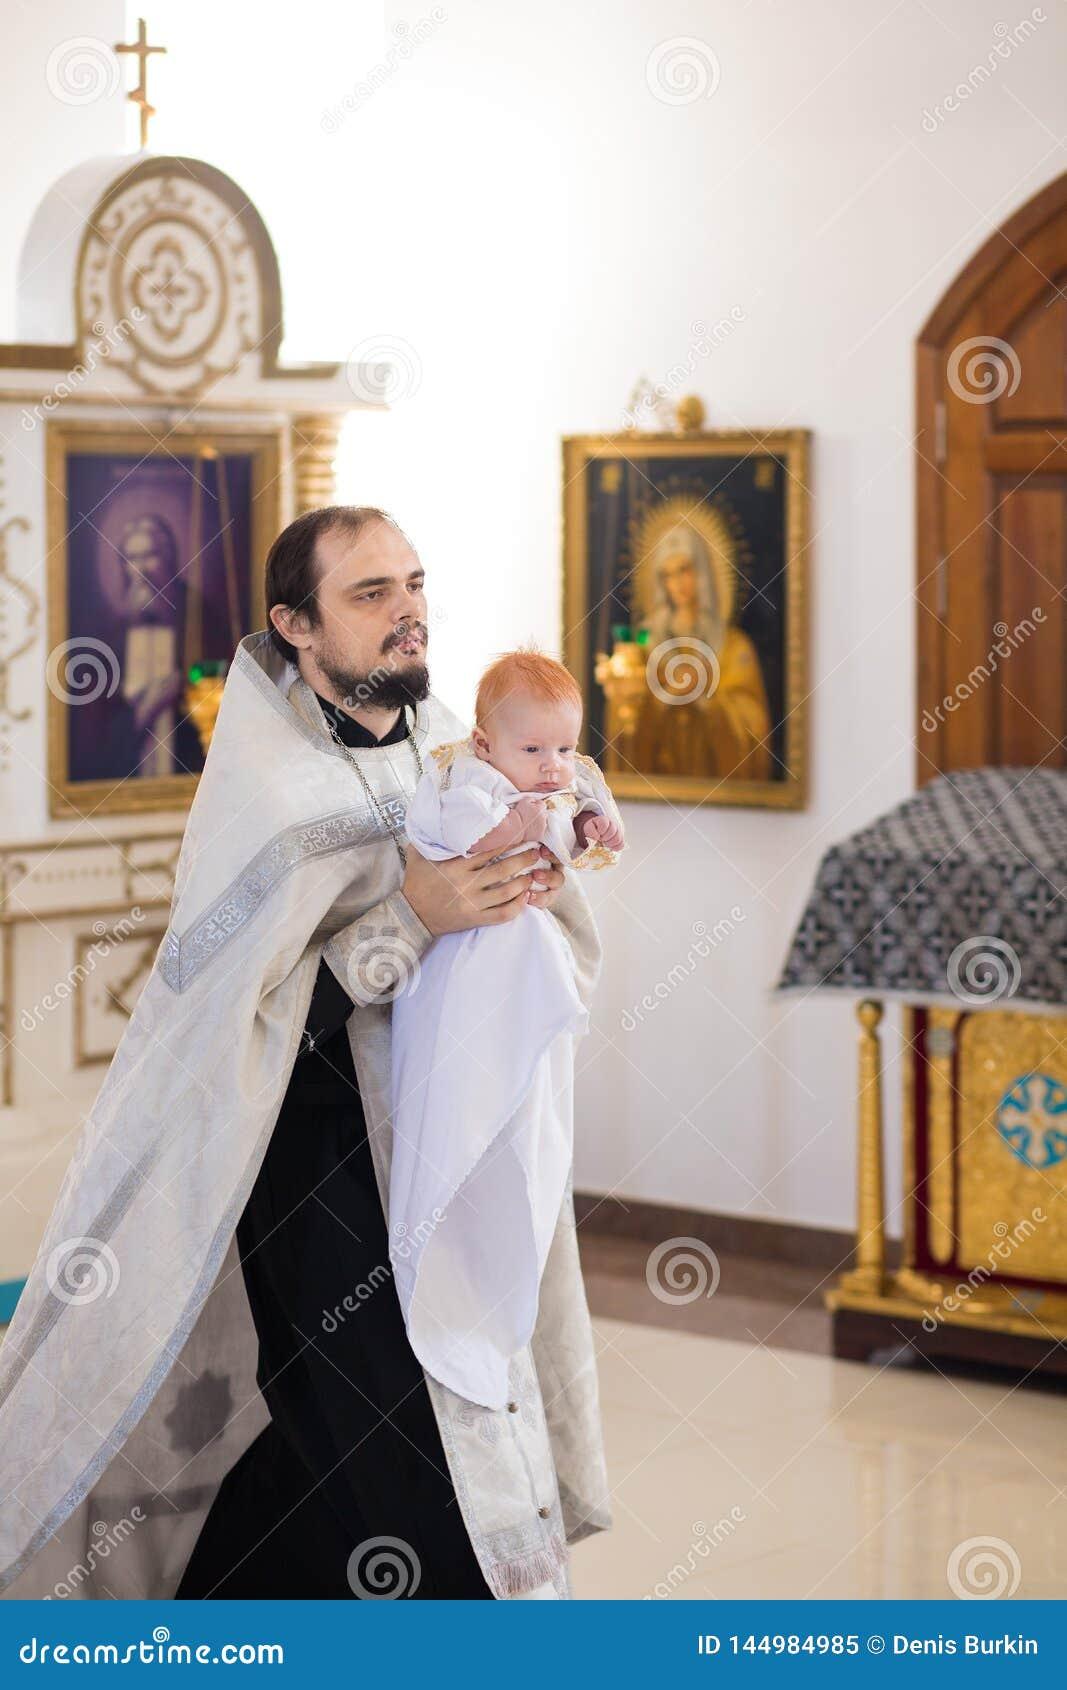 E Orthodoxe priester die een baby houden tijdens het doopselritueel